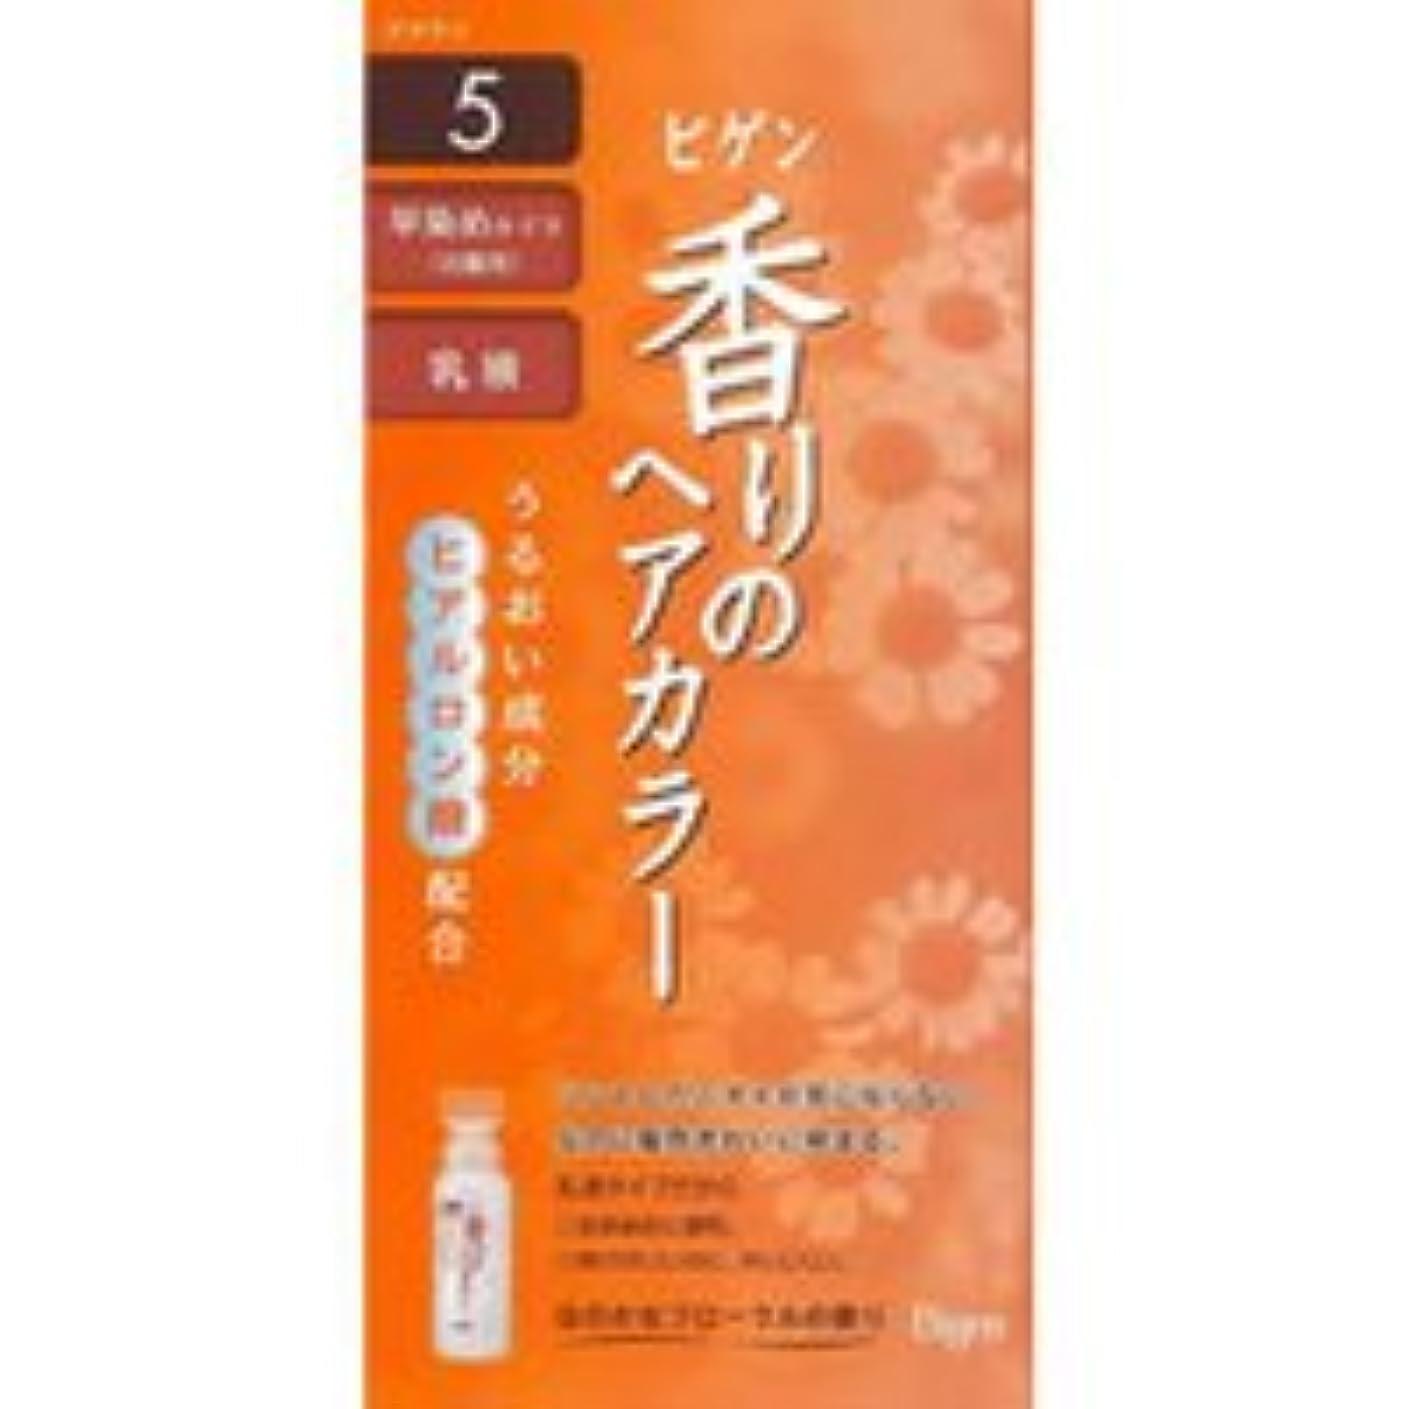 列挙する番目ねばねばビゲン 香りのヘアカラー 乳液(5) ブラウン